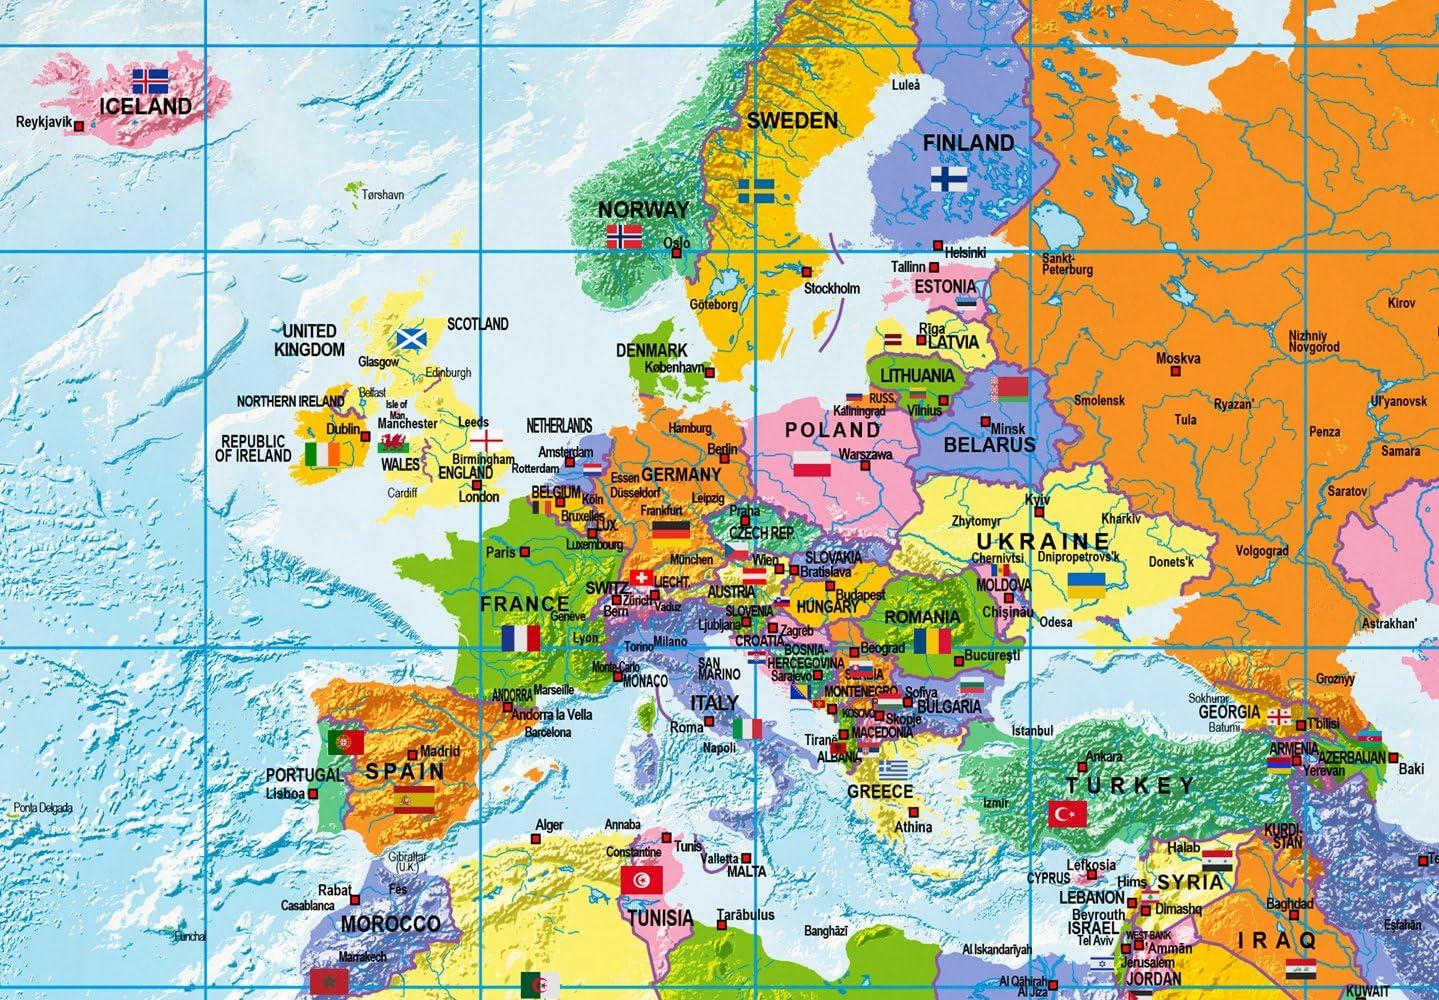 murando fran/çais 90x60cm Carte du monde pour mettre des punaises /& Tableau sur toile Panneau de fibres de bois tableau daffichage pour mettre des notes Continent Geographie k-A-0300-v-a